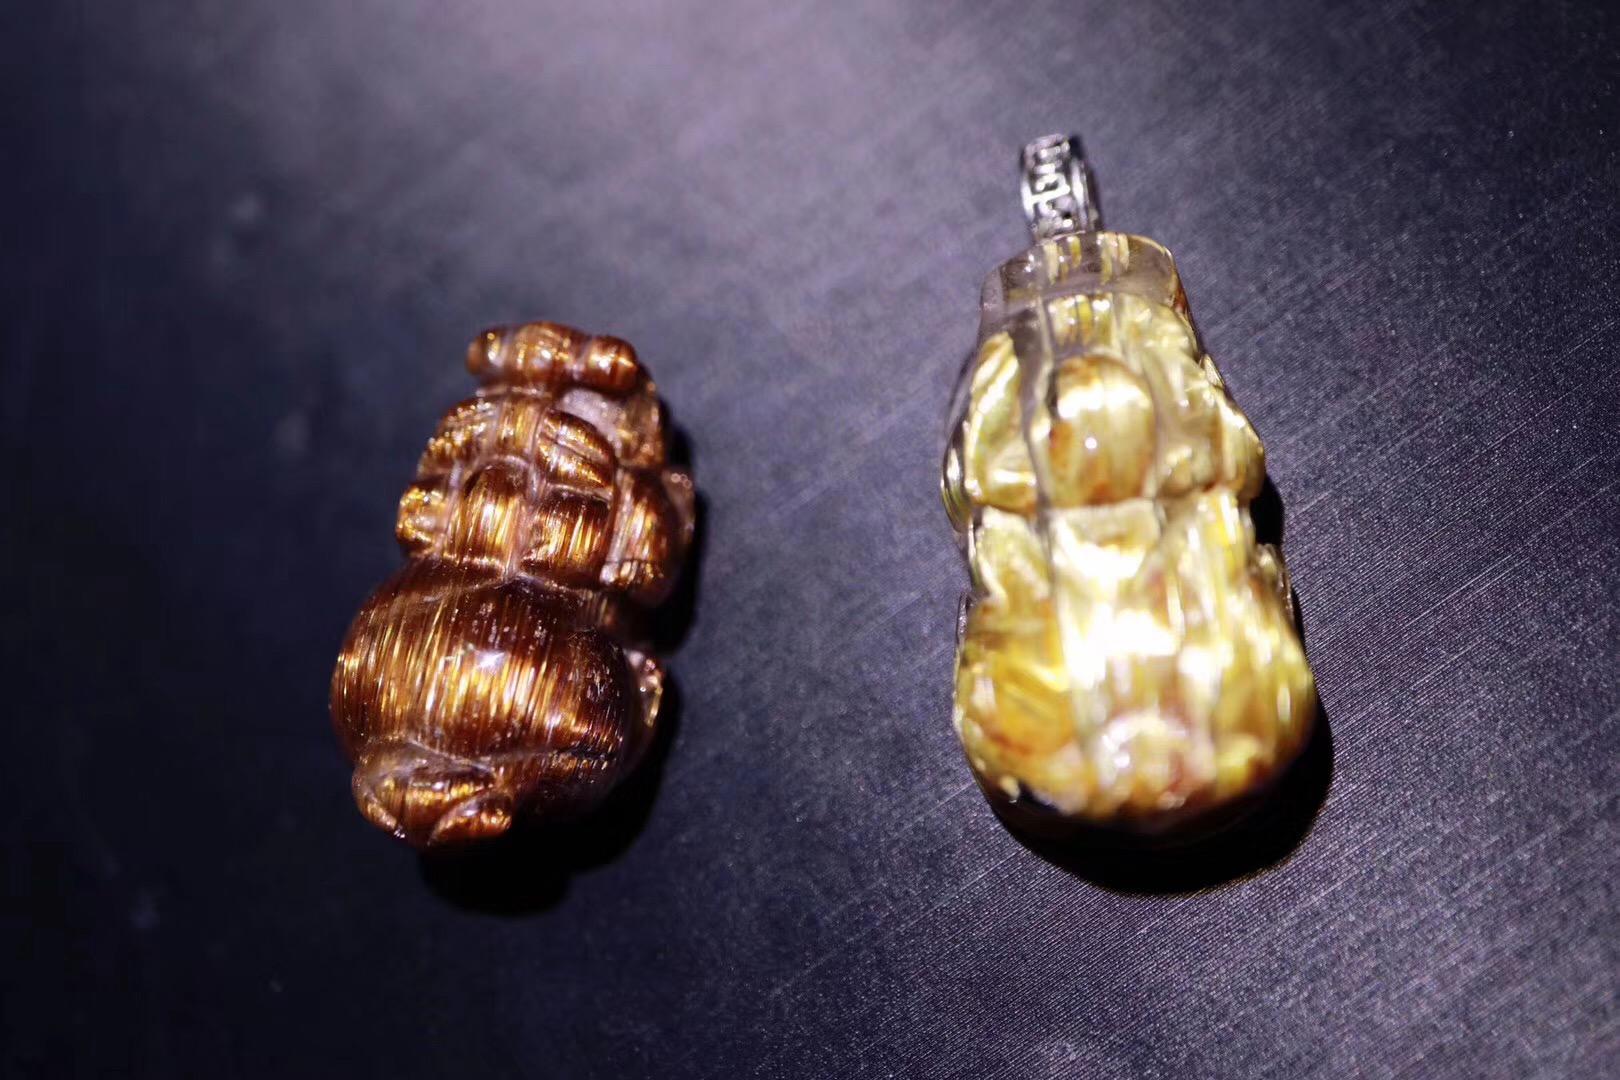 【铜发晶、钛晶】貔貅招财系科班出身,实力招财-菩心晶舍